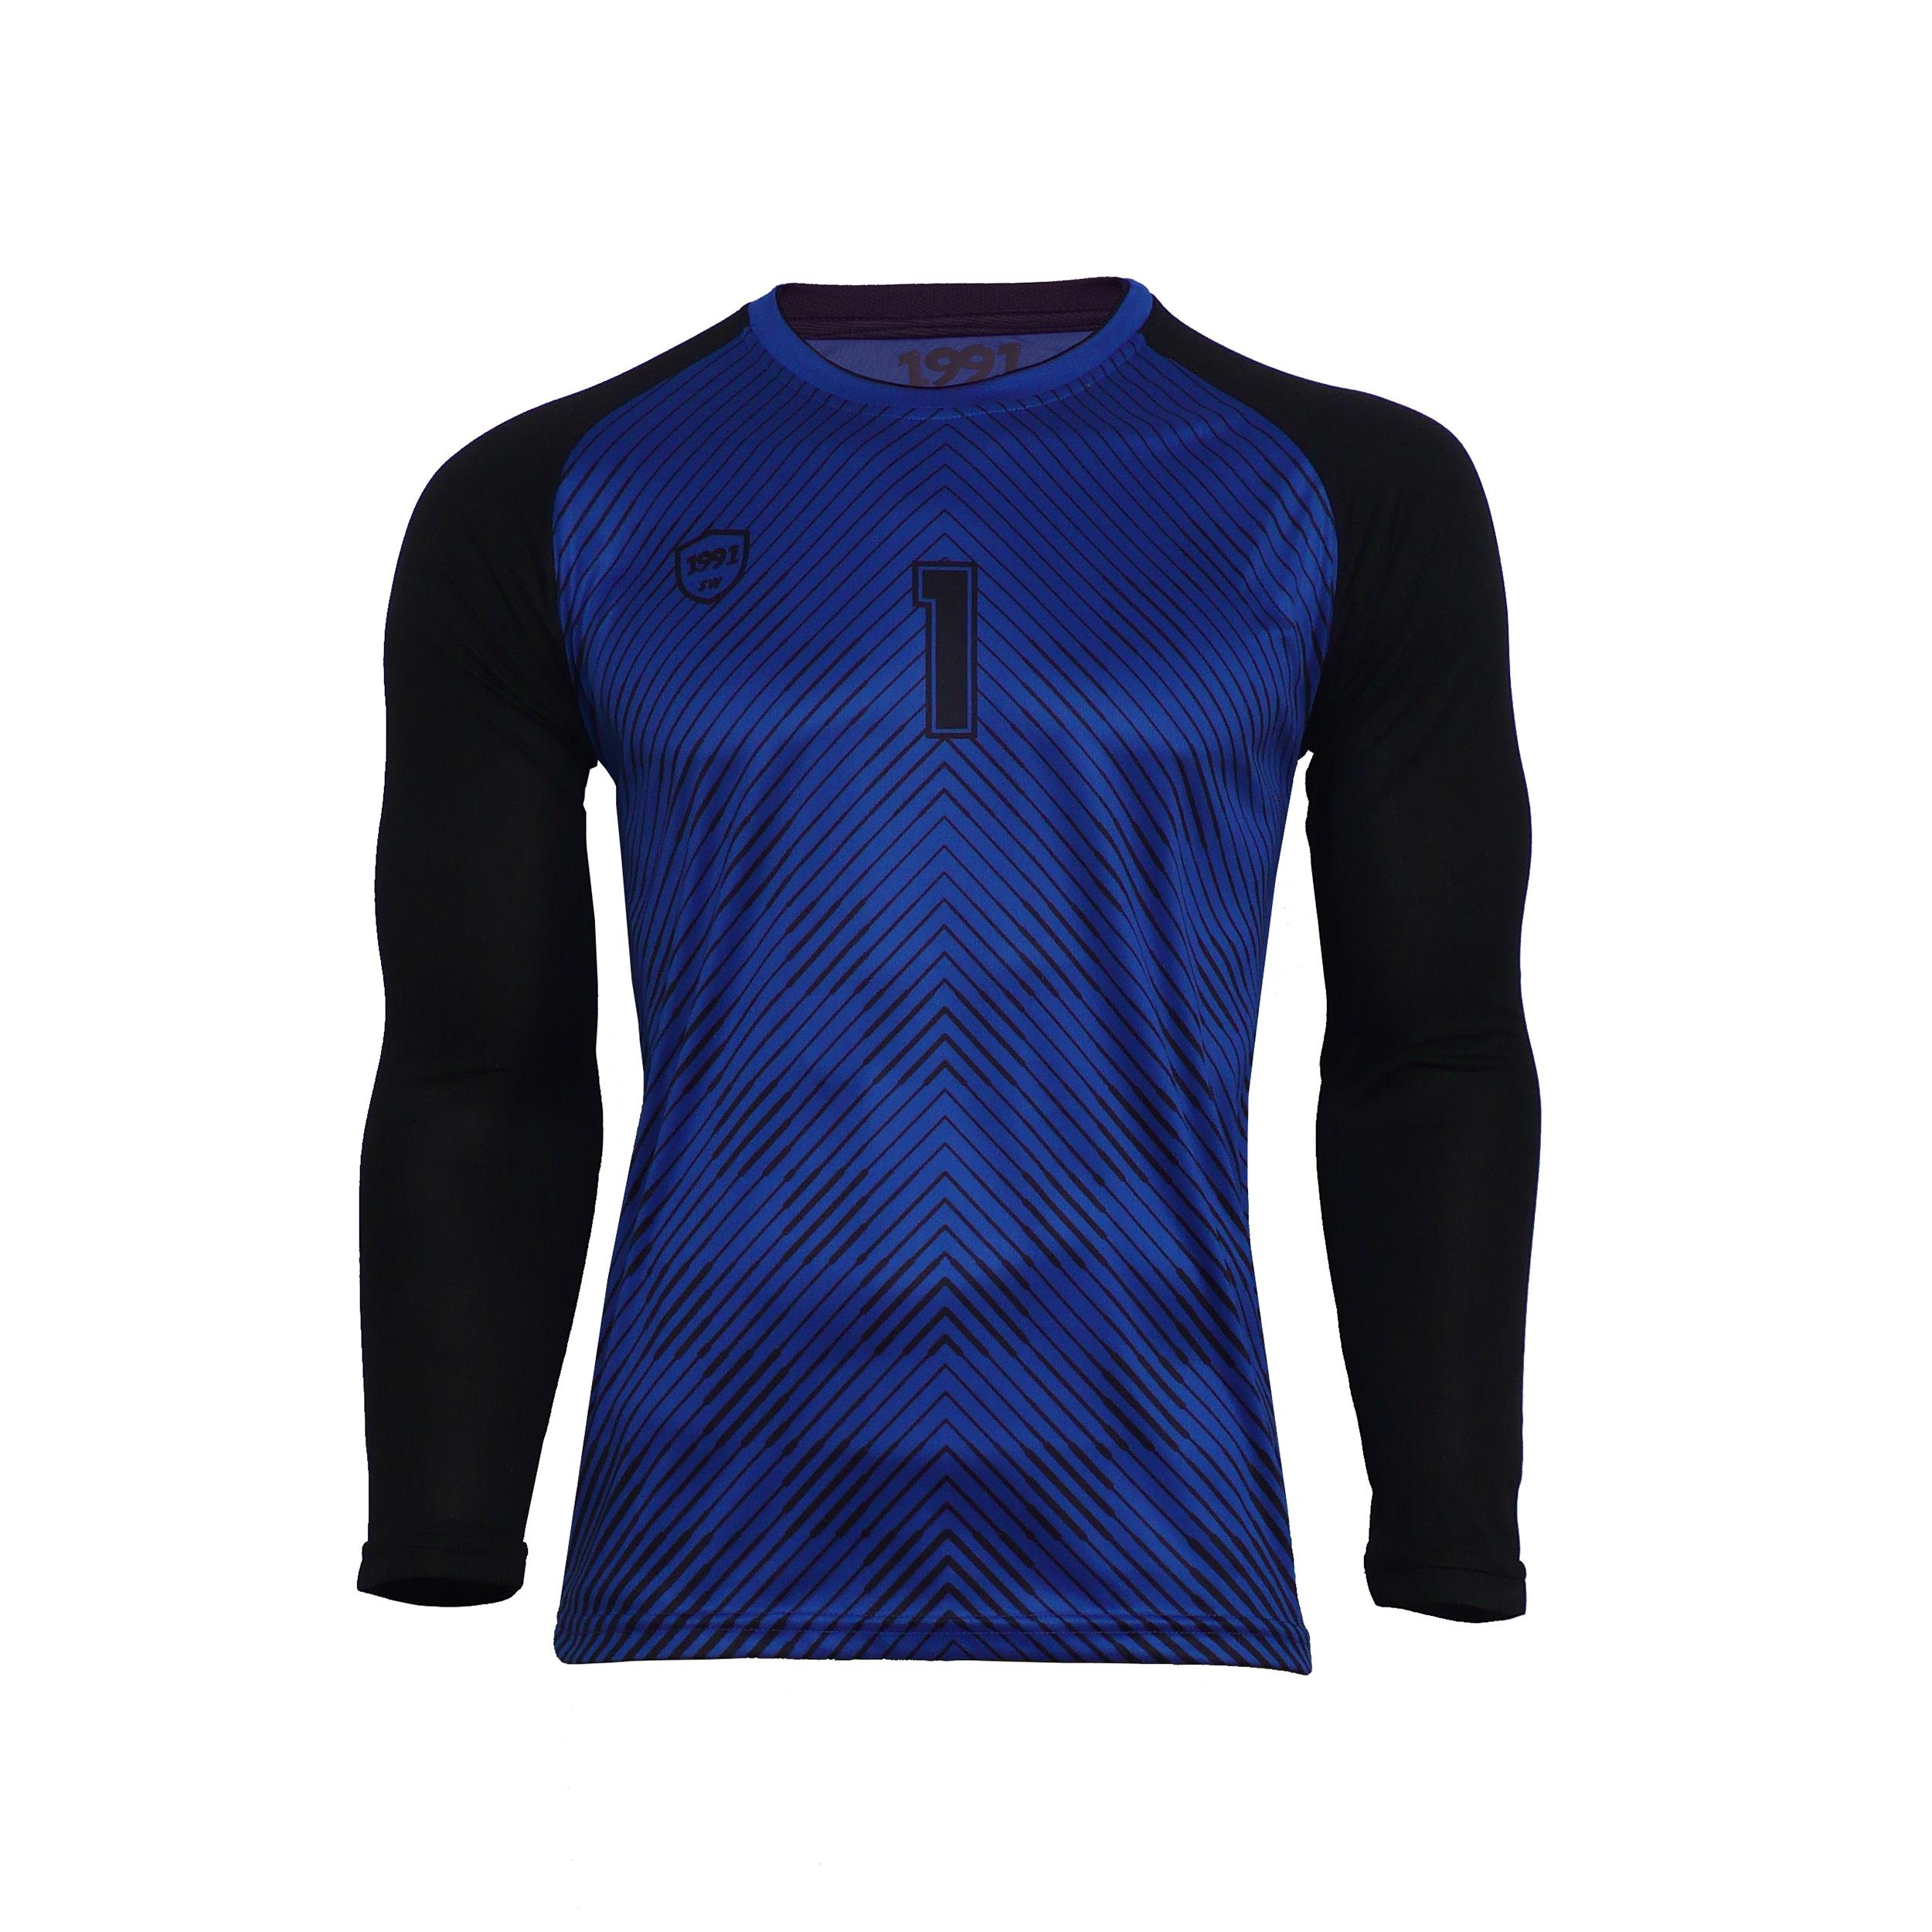 تی شرت ورزشی مردانه 1991 اس دبلیو مدل HOL Darkblue